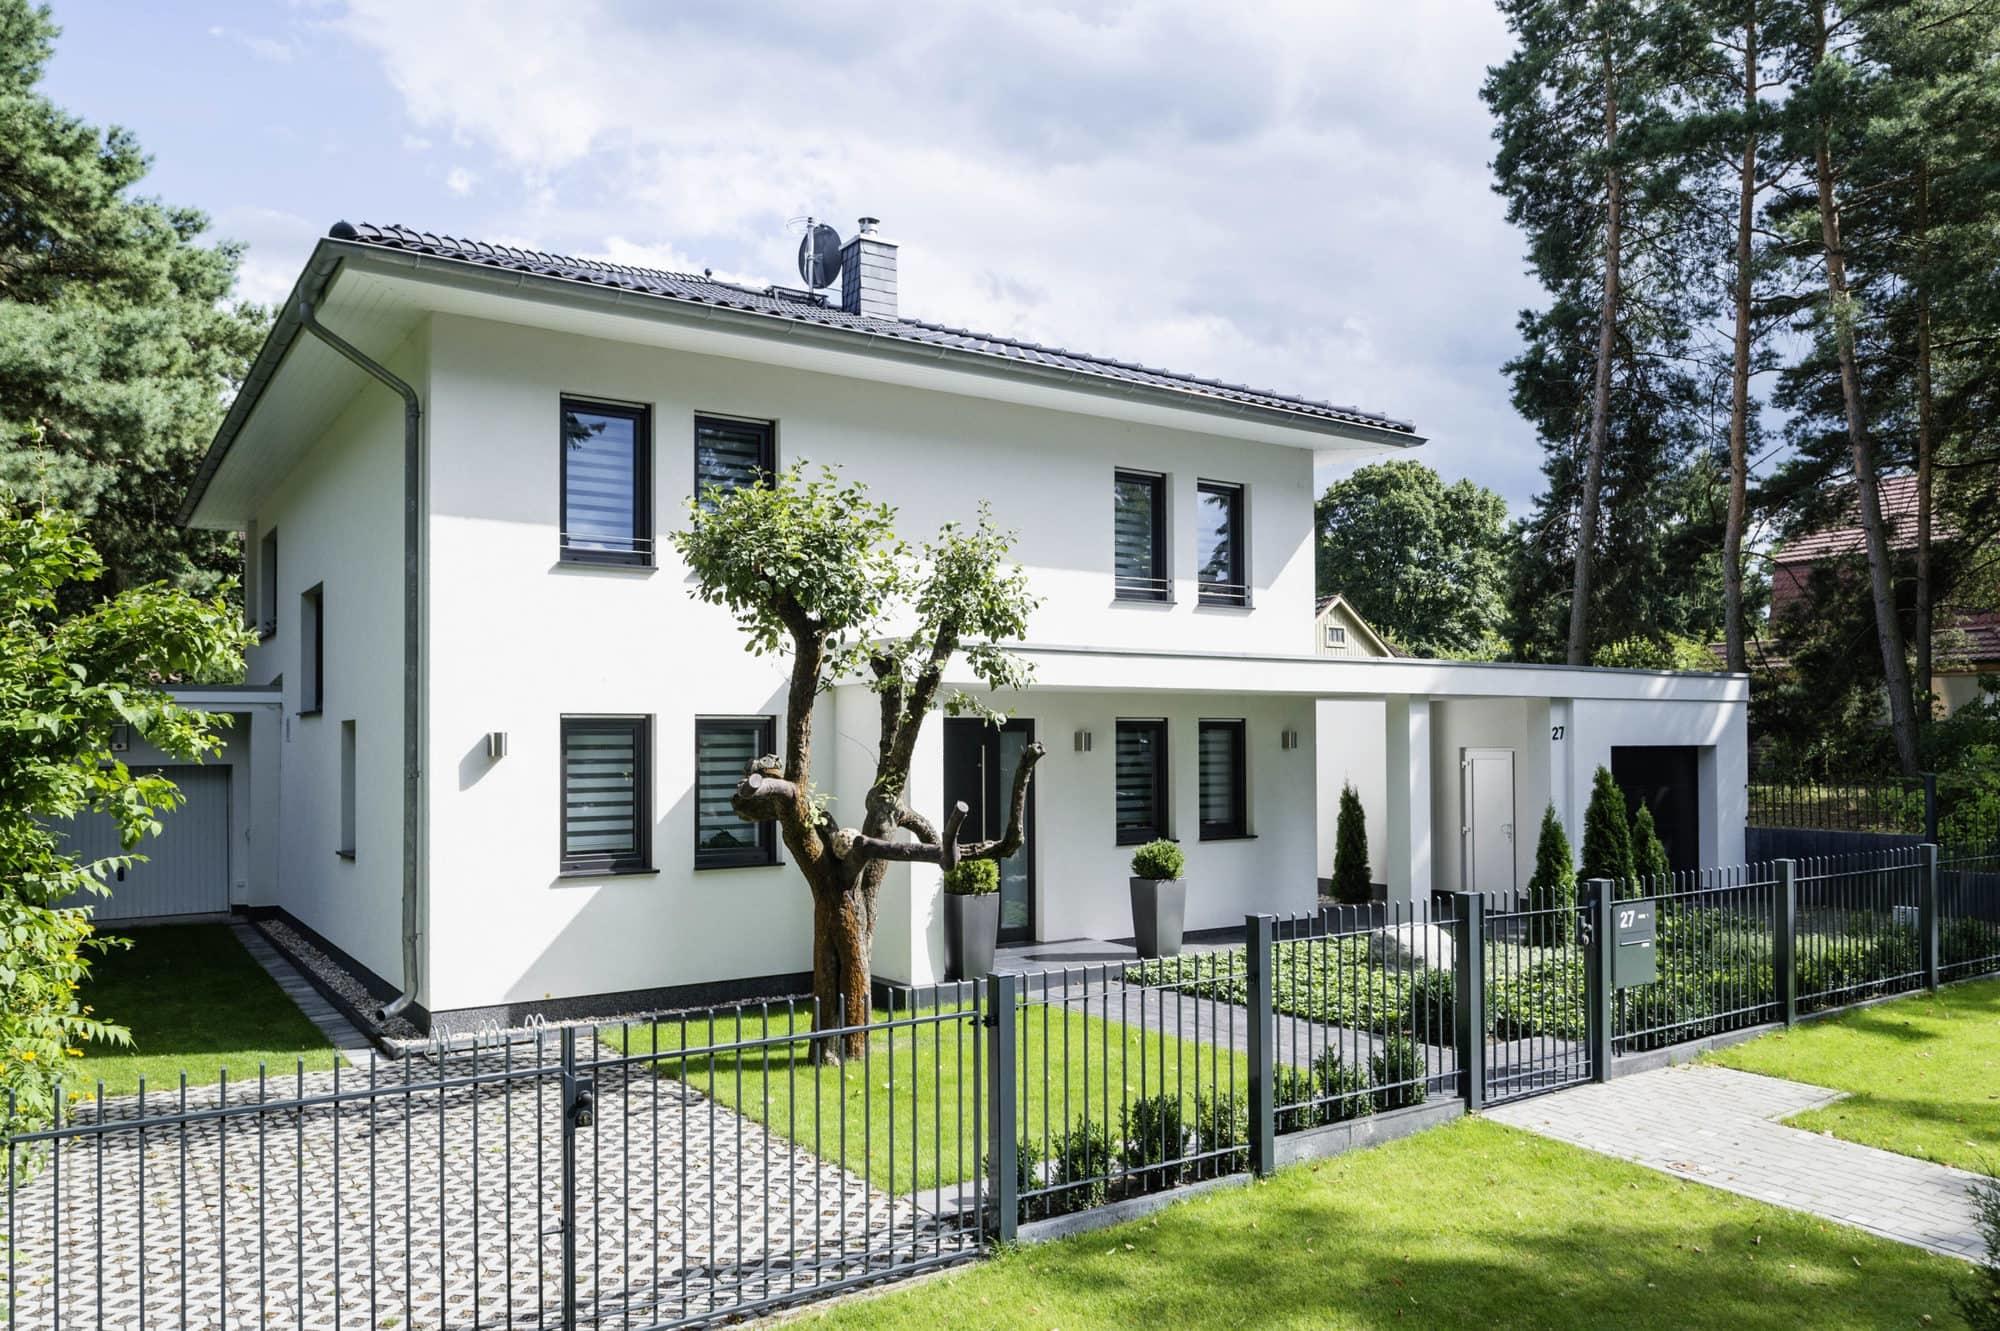 stadtvilla-mit-integrierter-garage-1